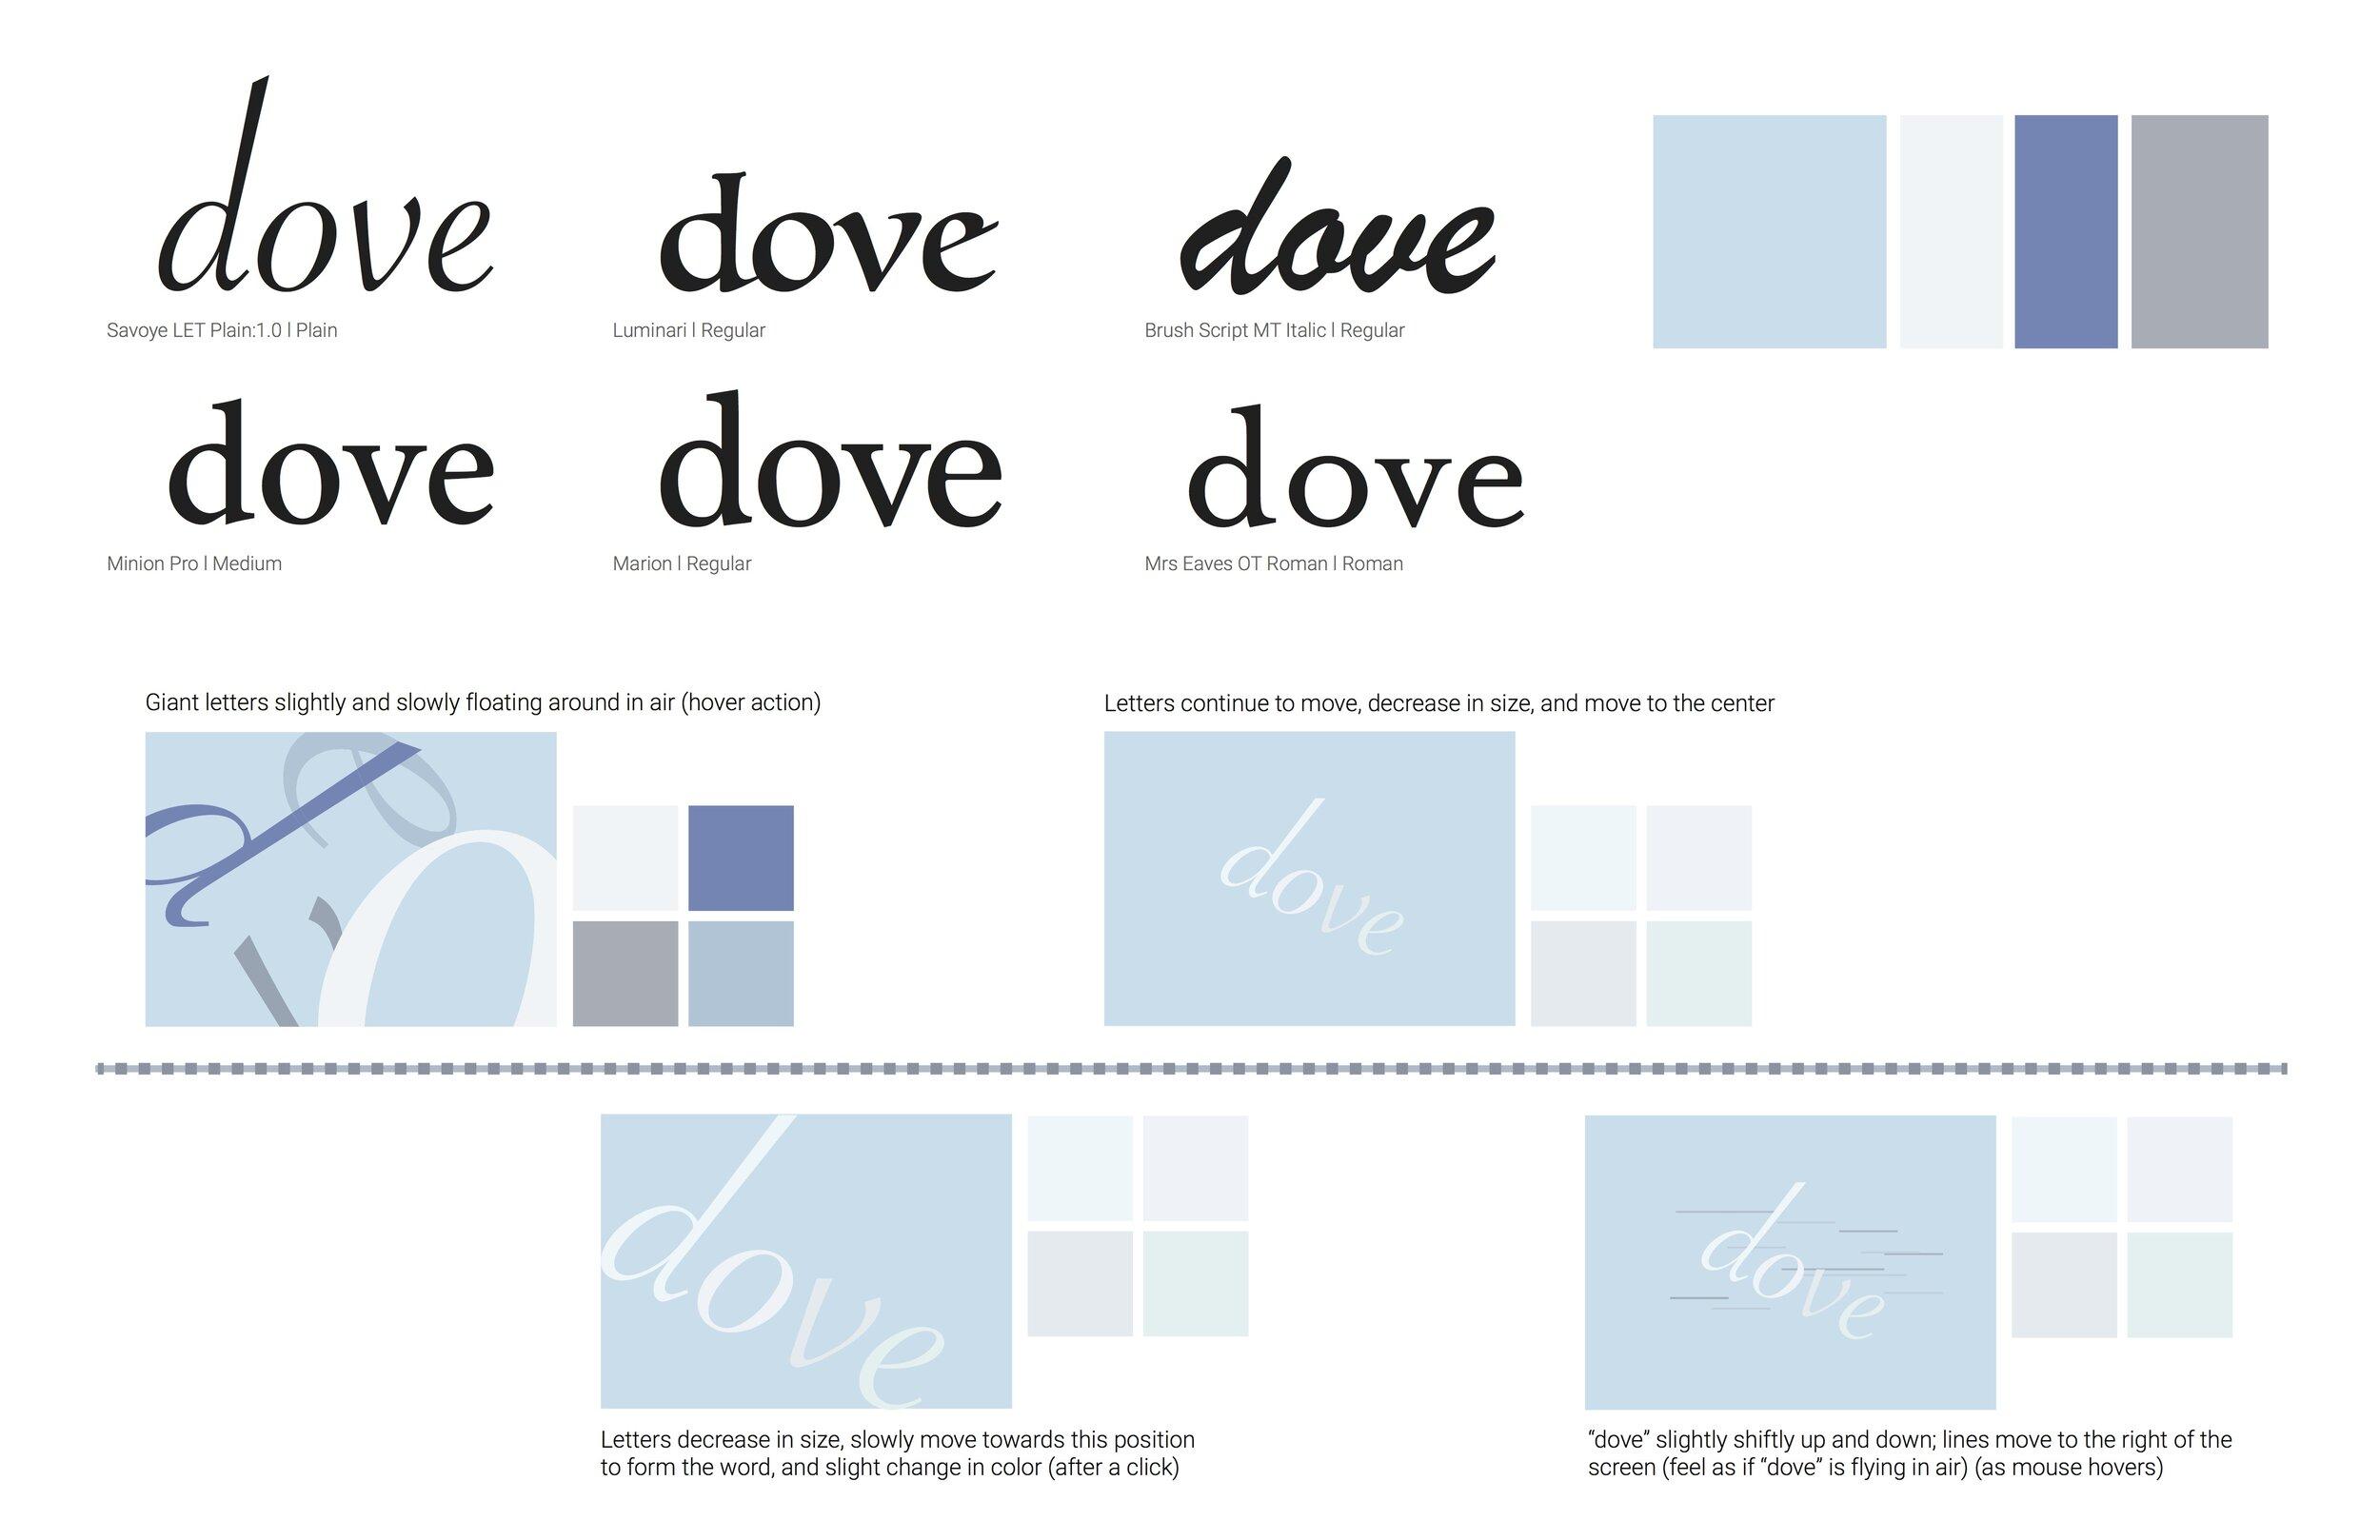 Dove_Bird_2.jpg